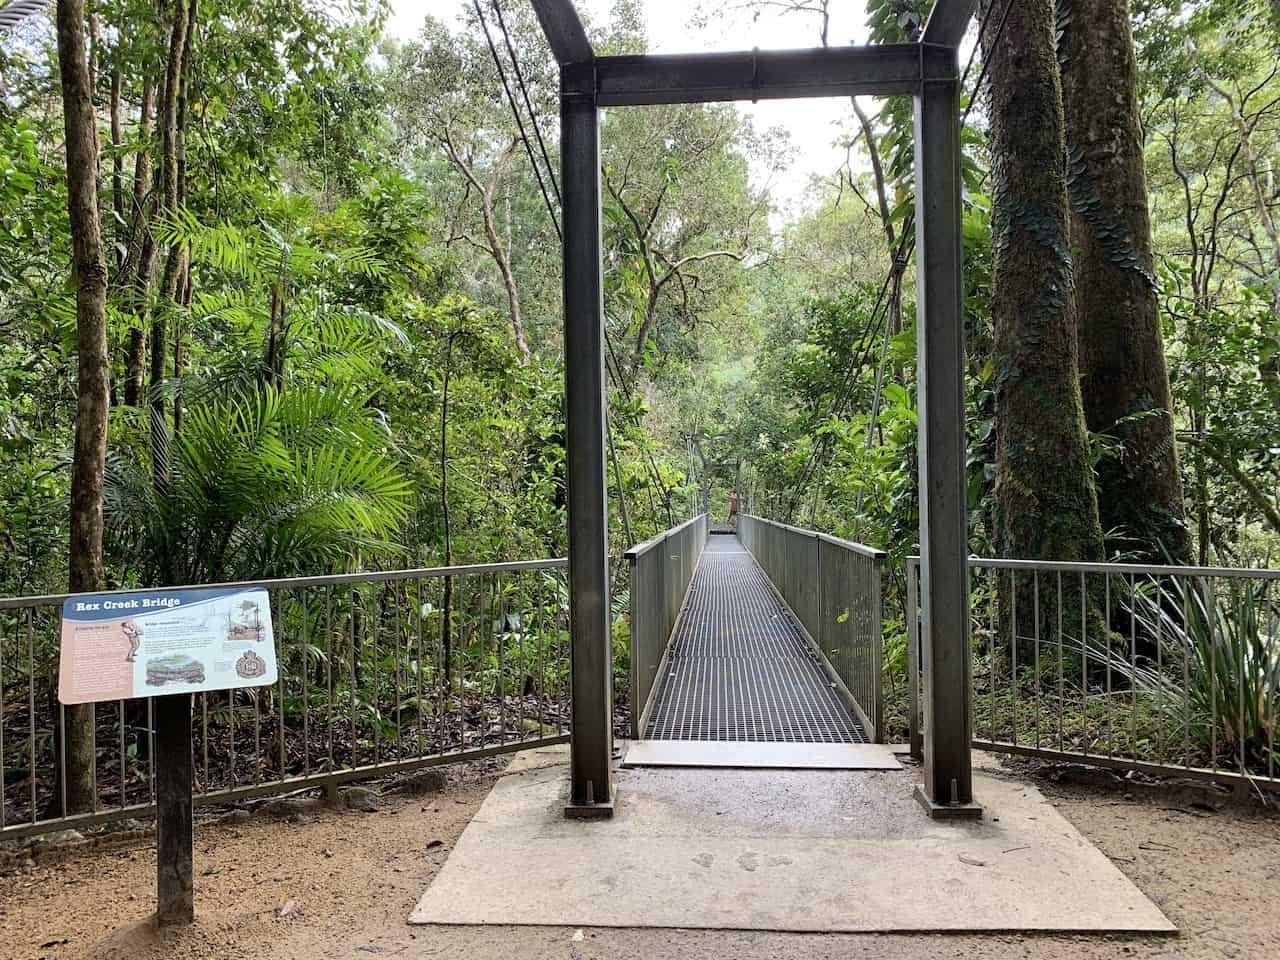 Rex Creek Bridge